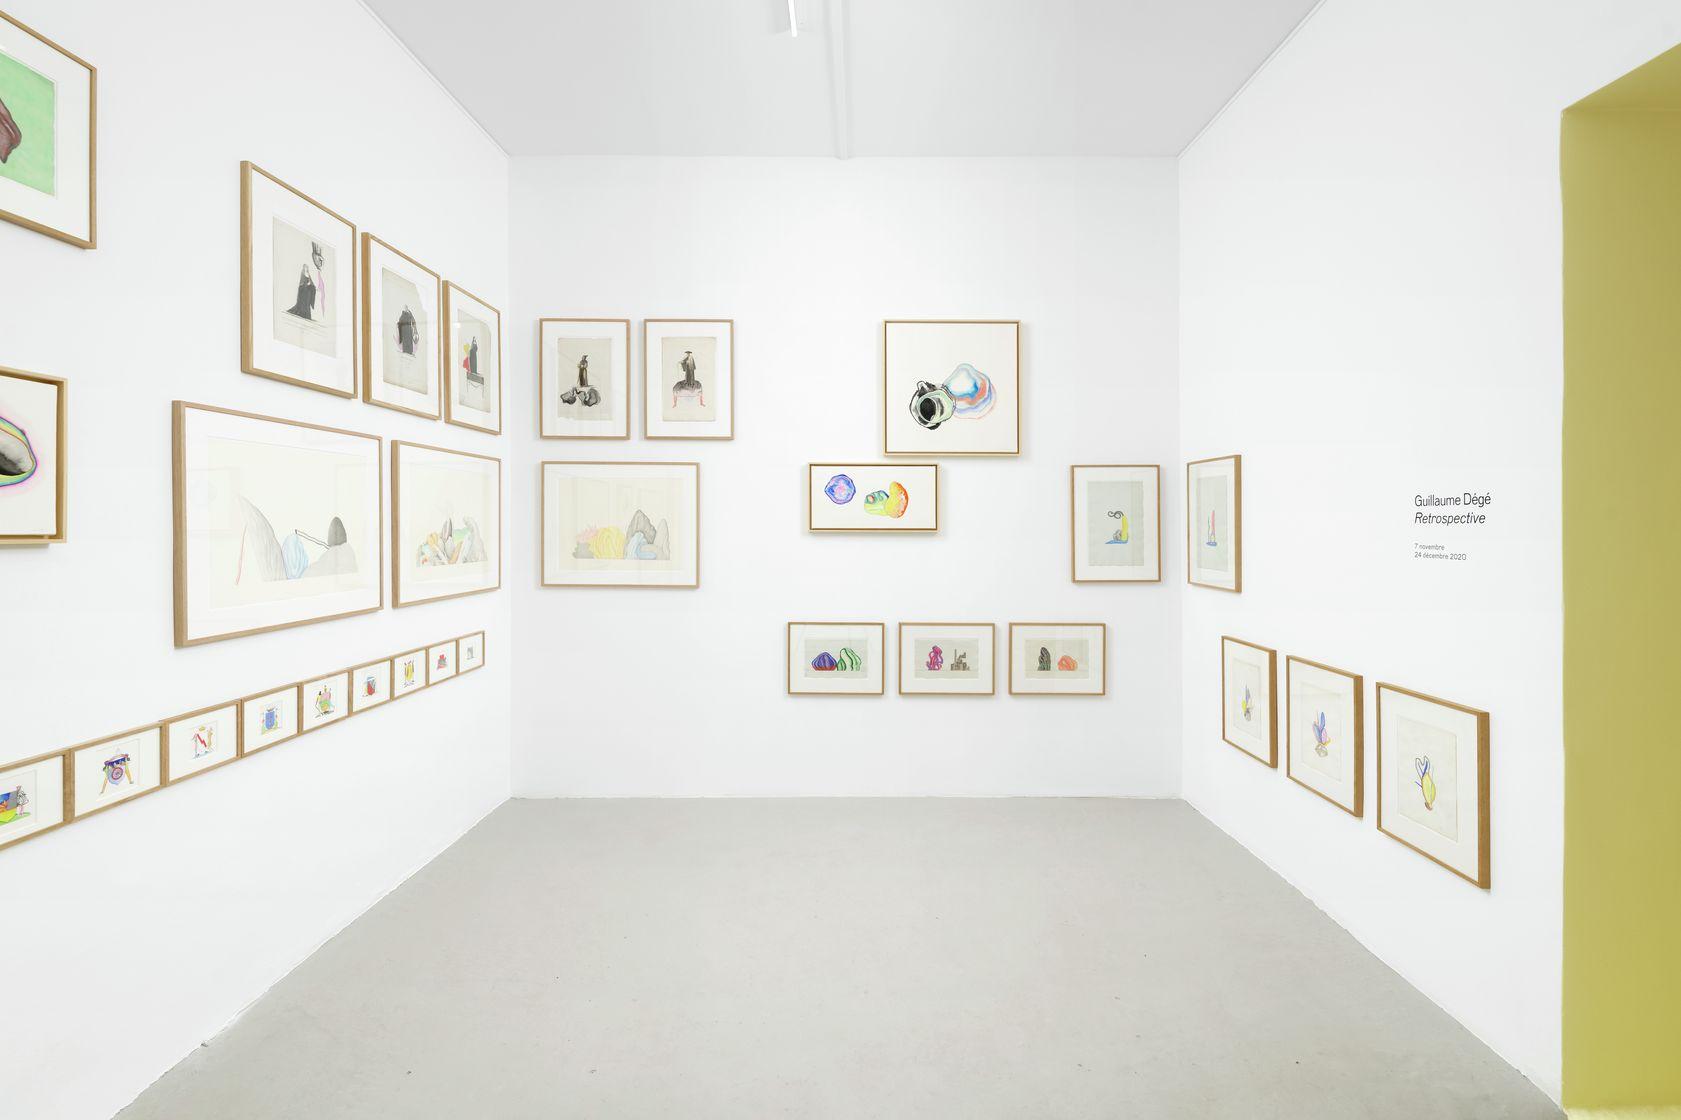 Guillaume Dégé Retrospective Project Room 7 novembre  — 24 décembre 2020